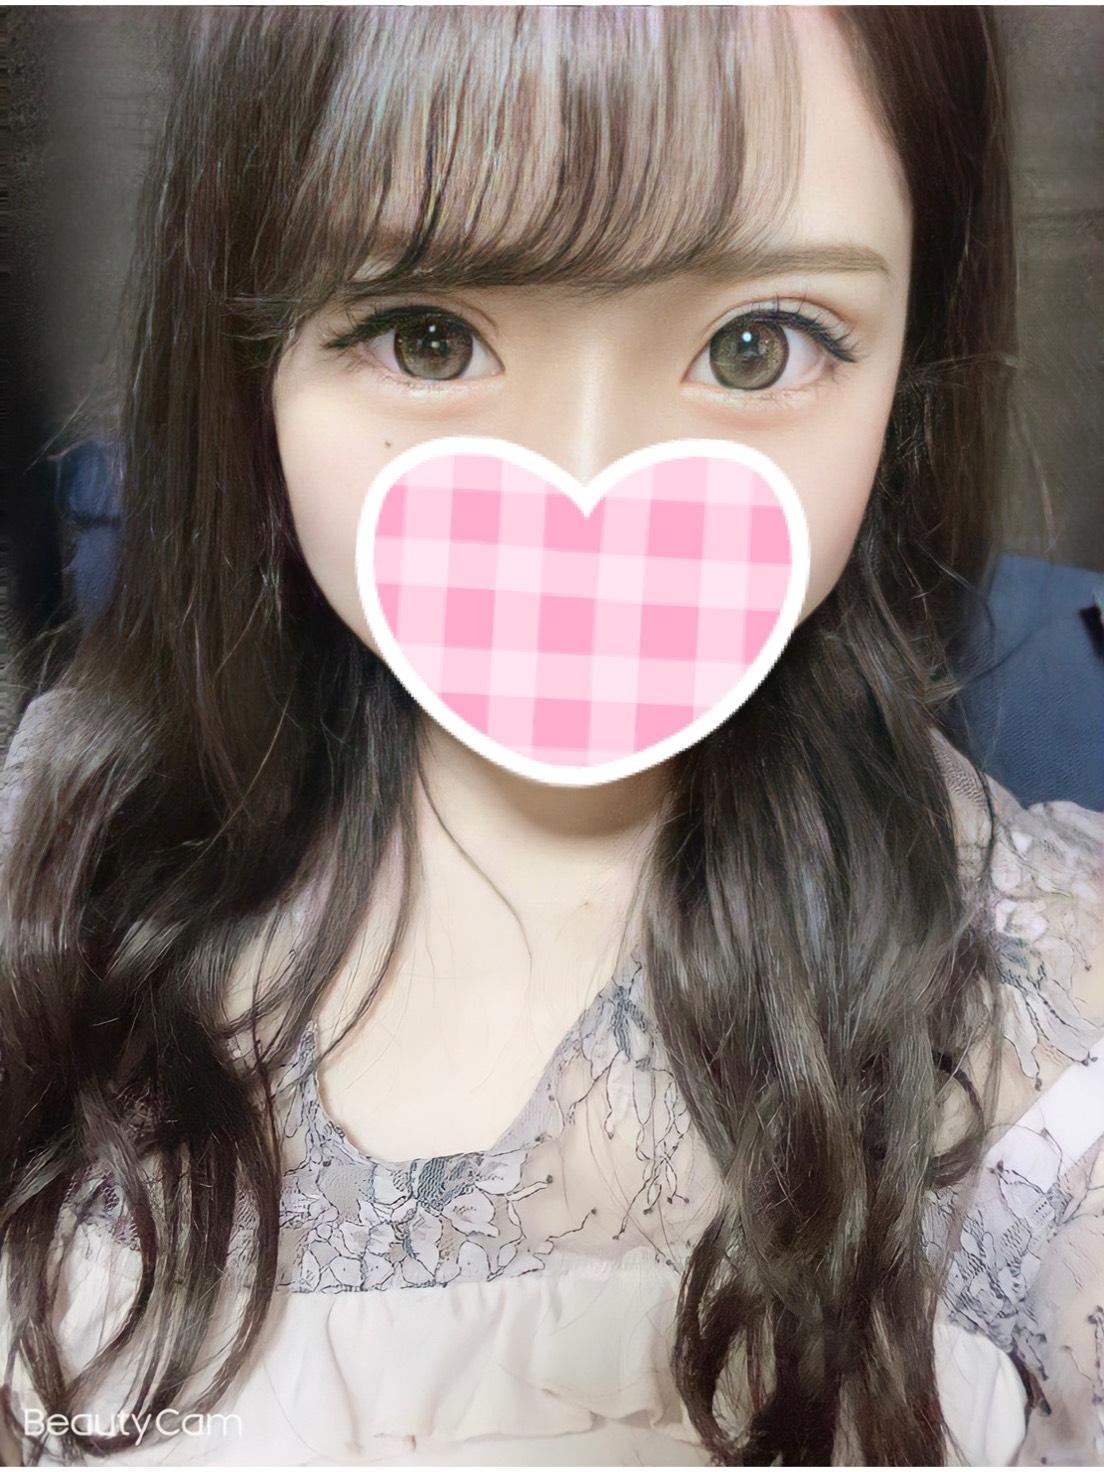 【JKリフレ東京】9/29体験入店予定A!